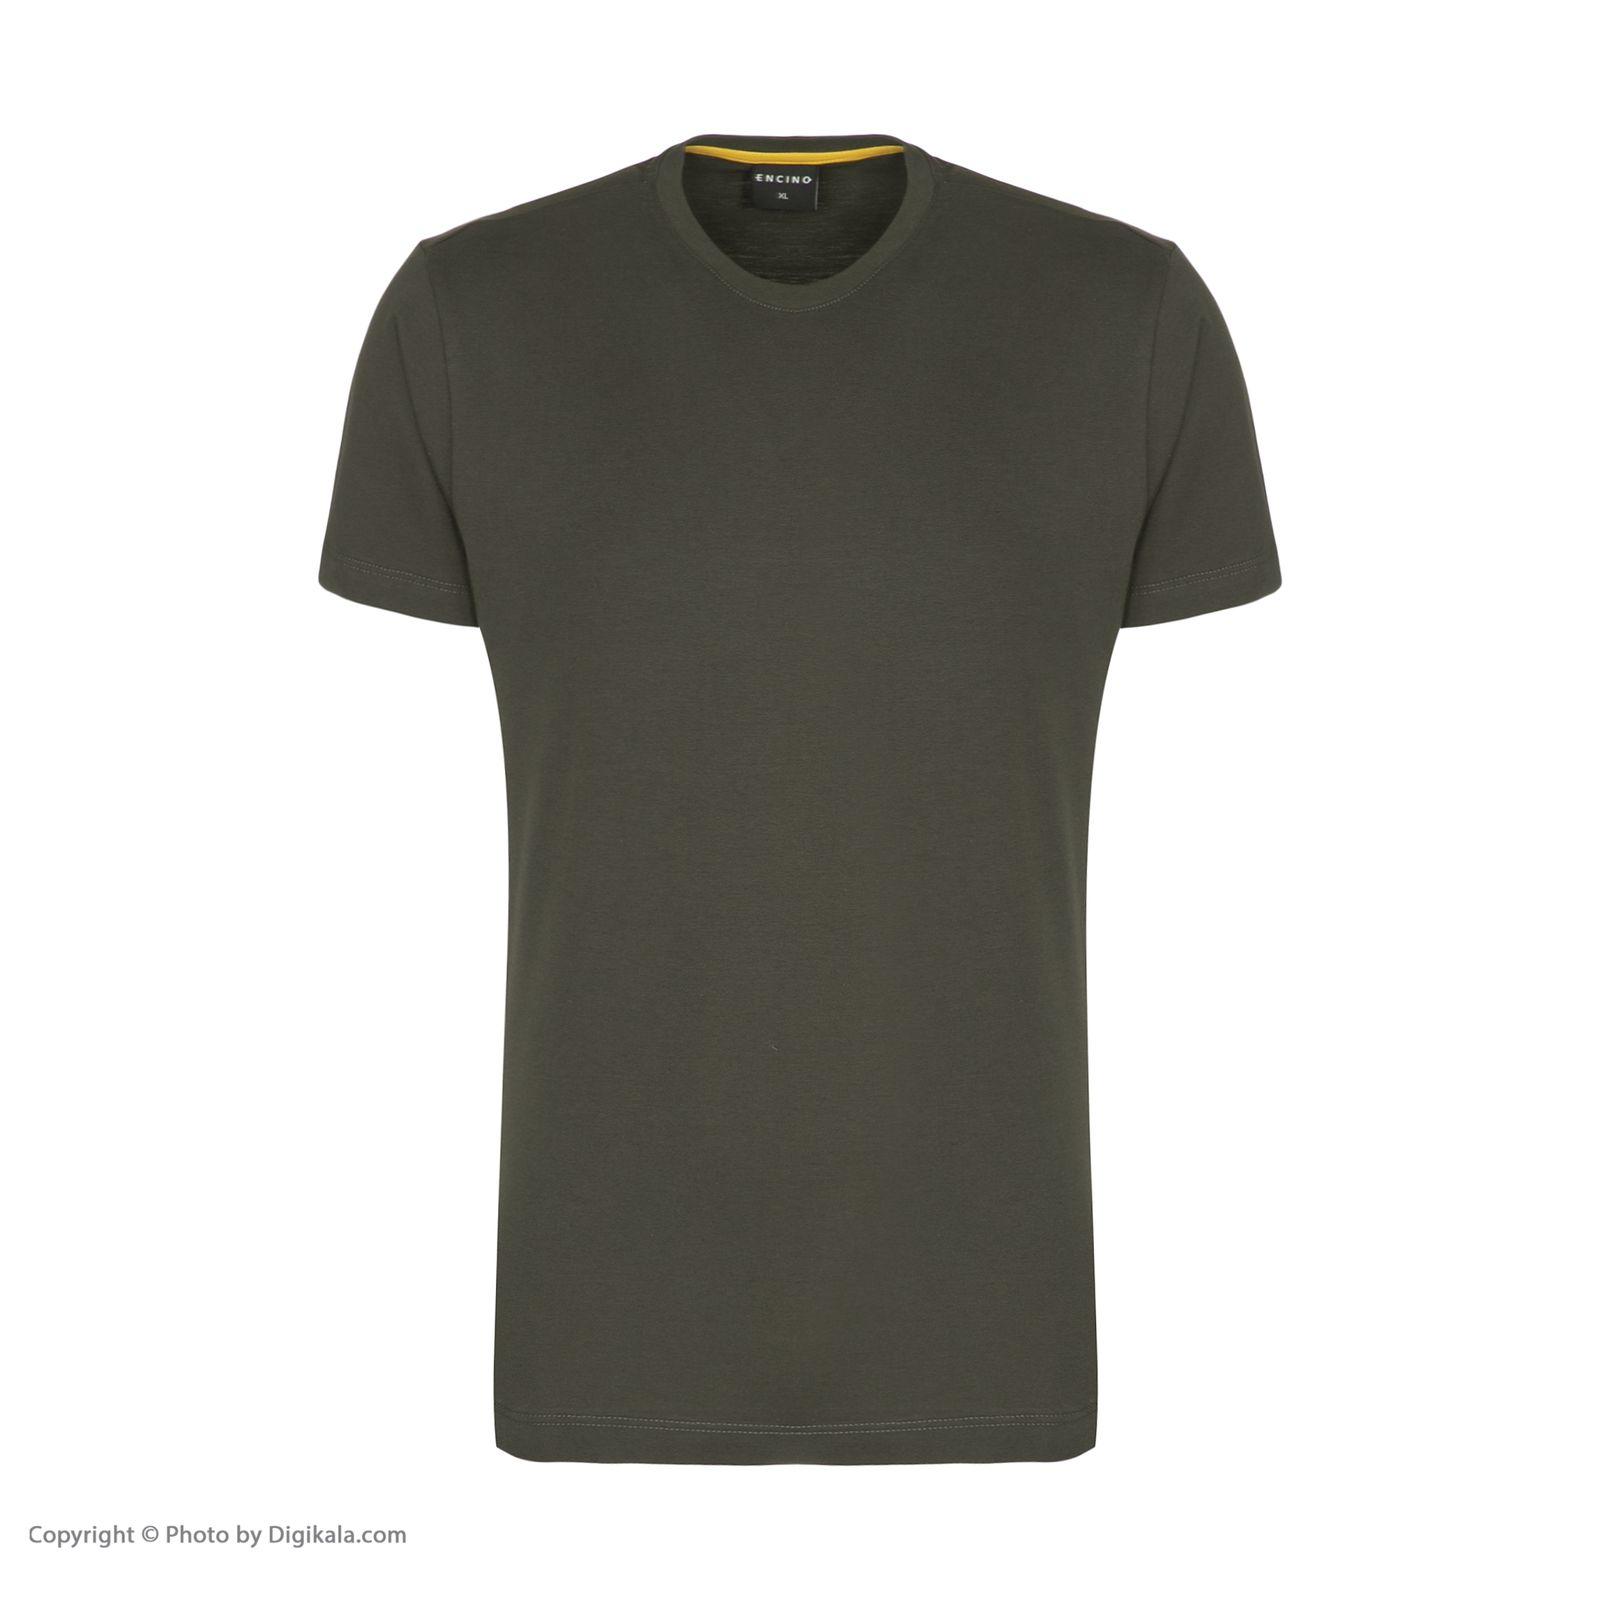 تیشرت آستین کوتاه مردانه ان سی نو مدل بیتر رنگ سبز ارتشی -  - 2